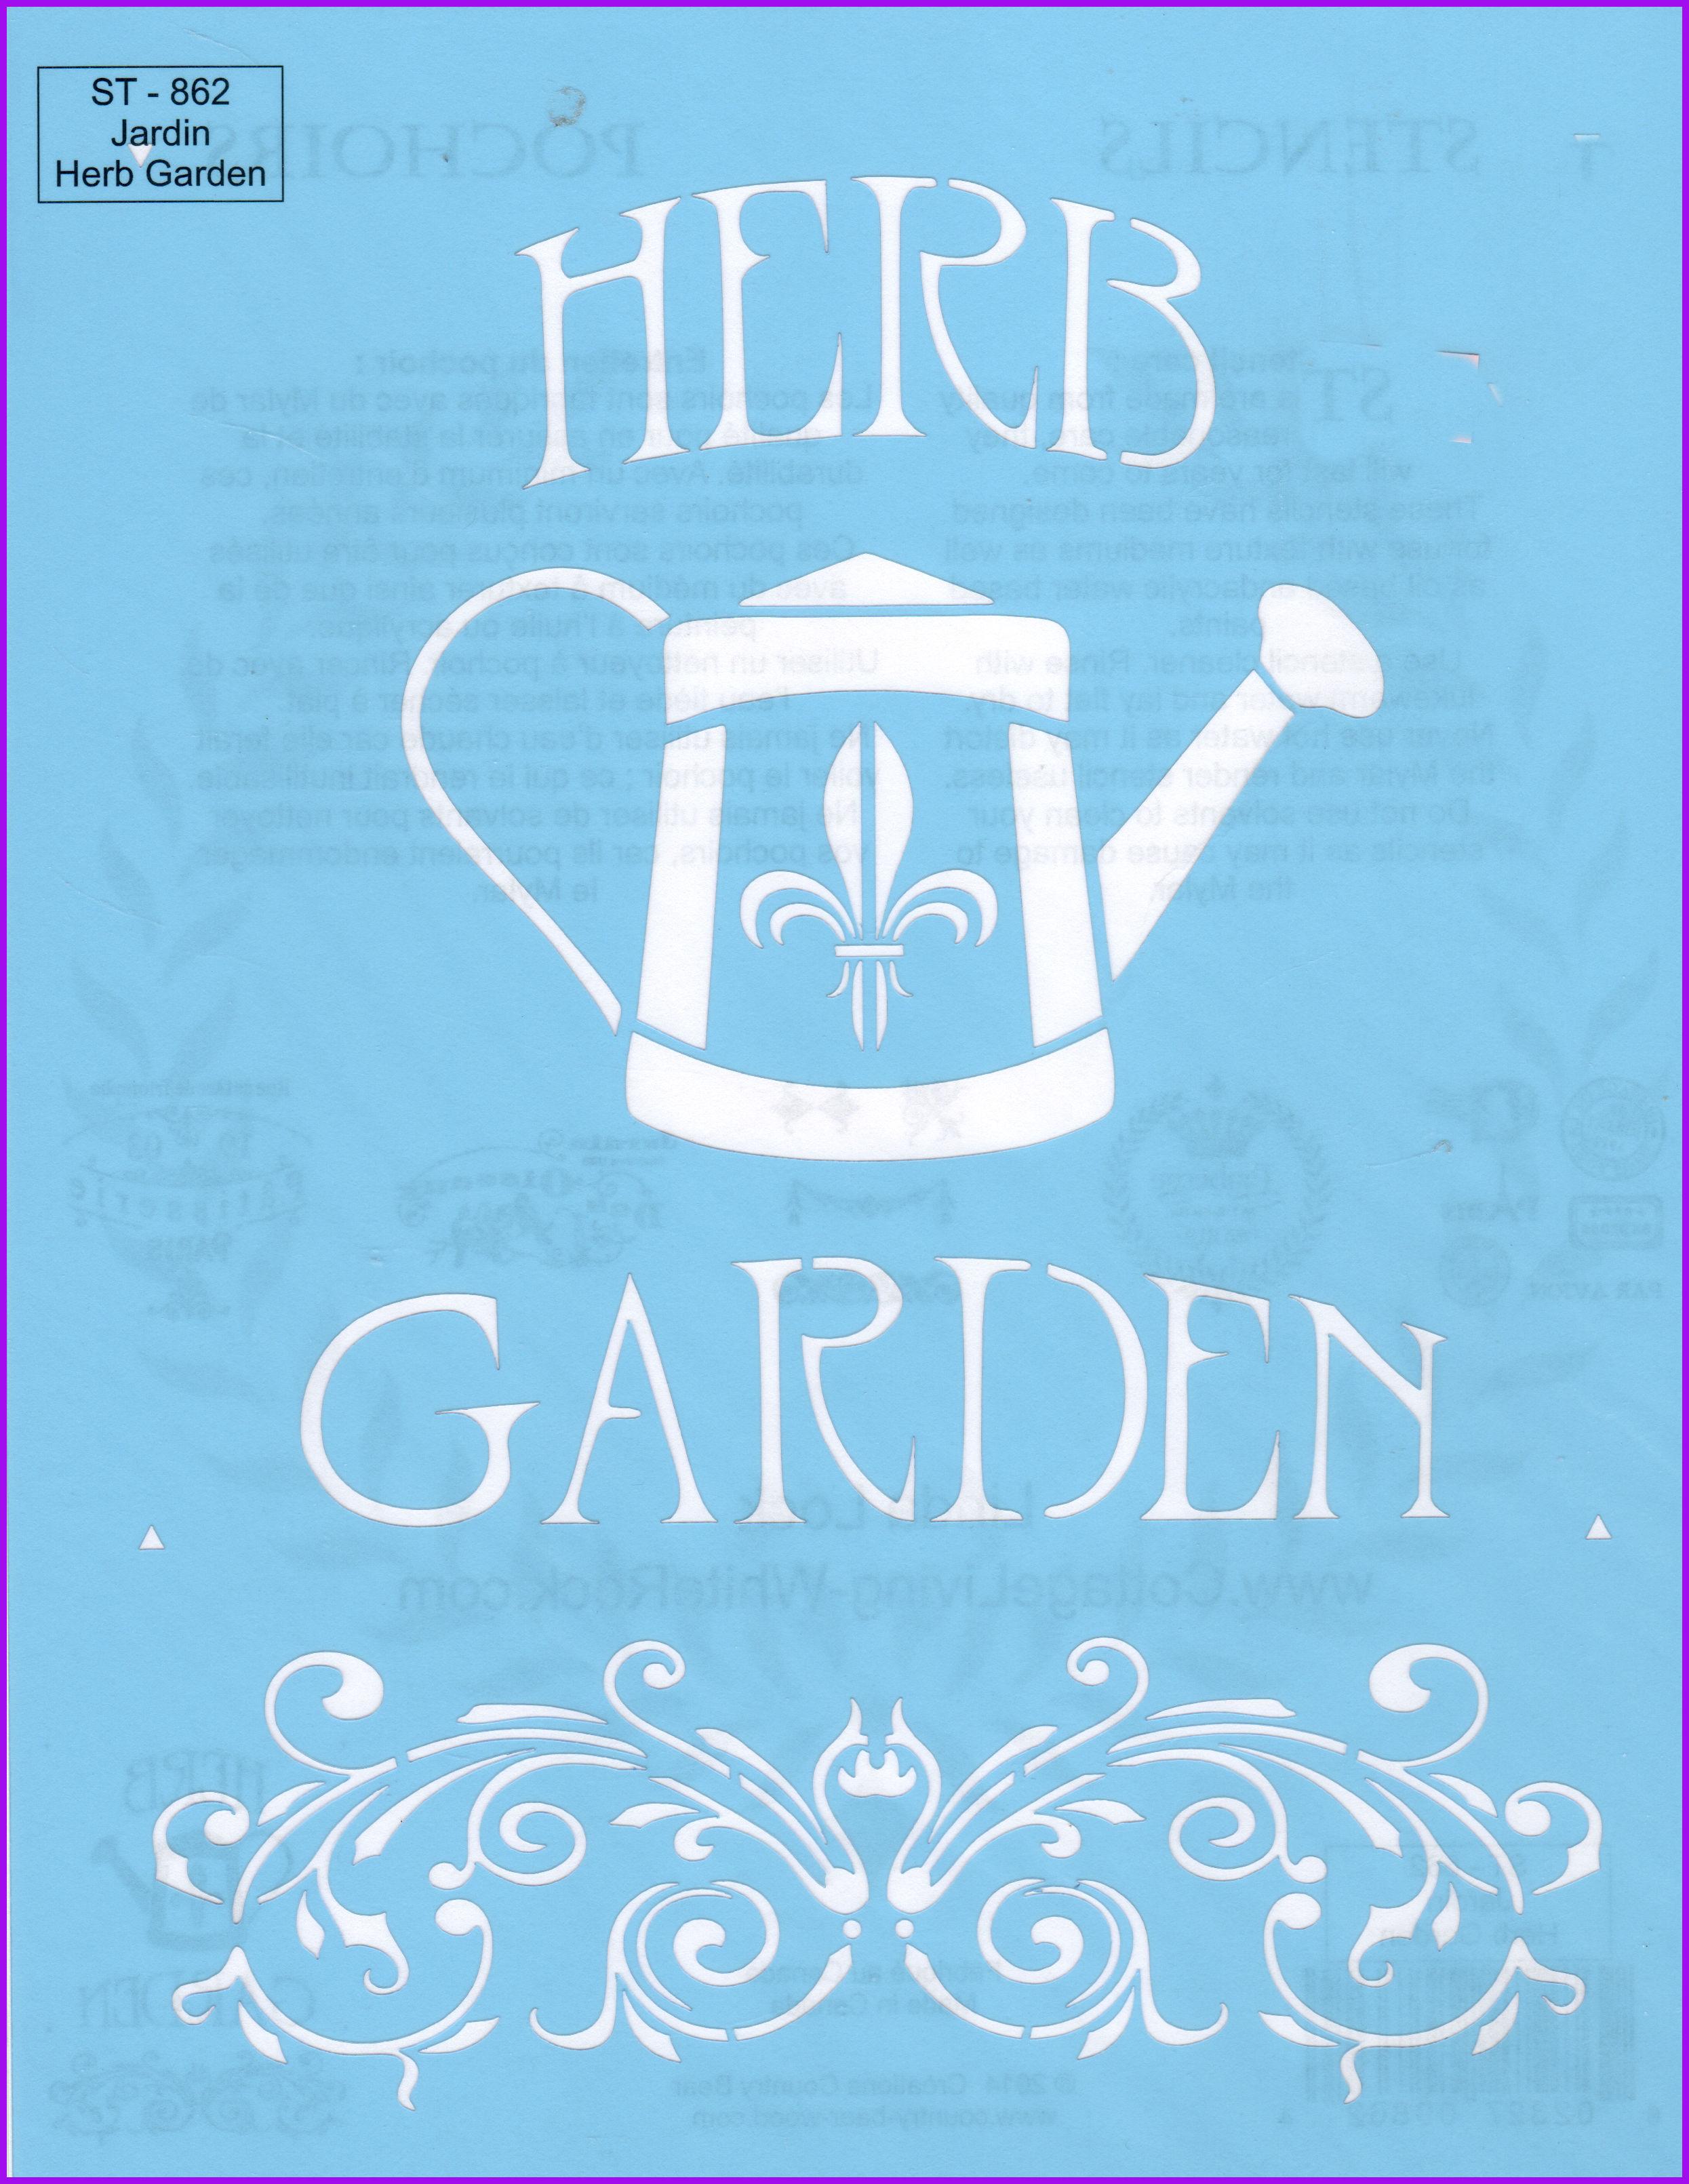 tm-herb-garden-st-862.jpg